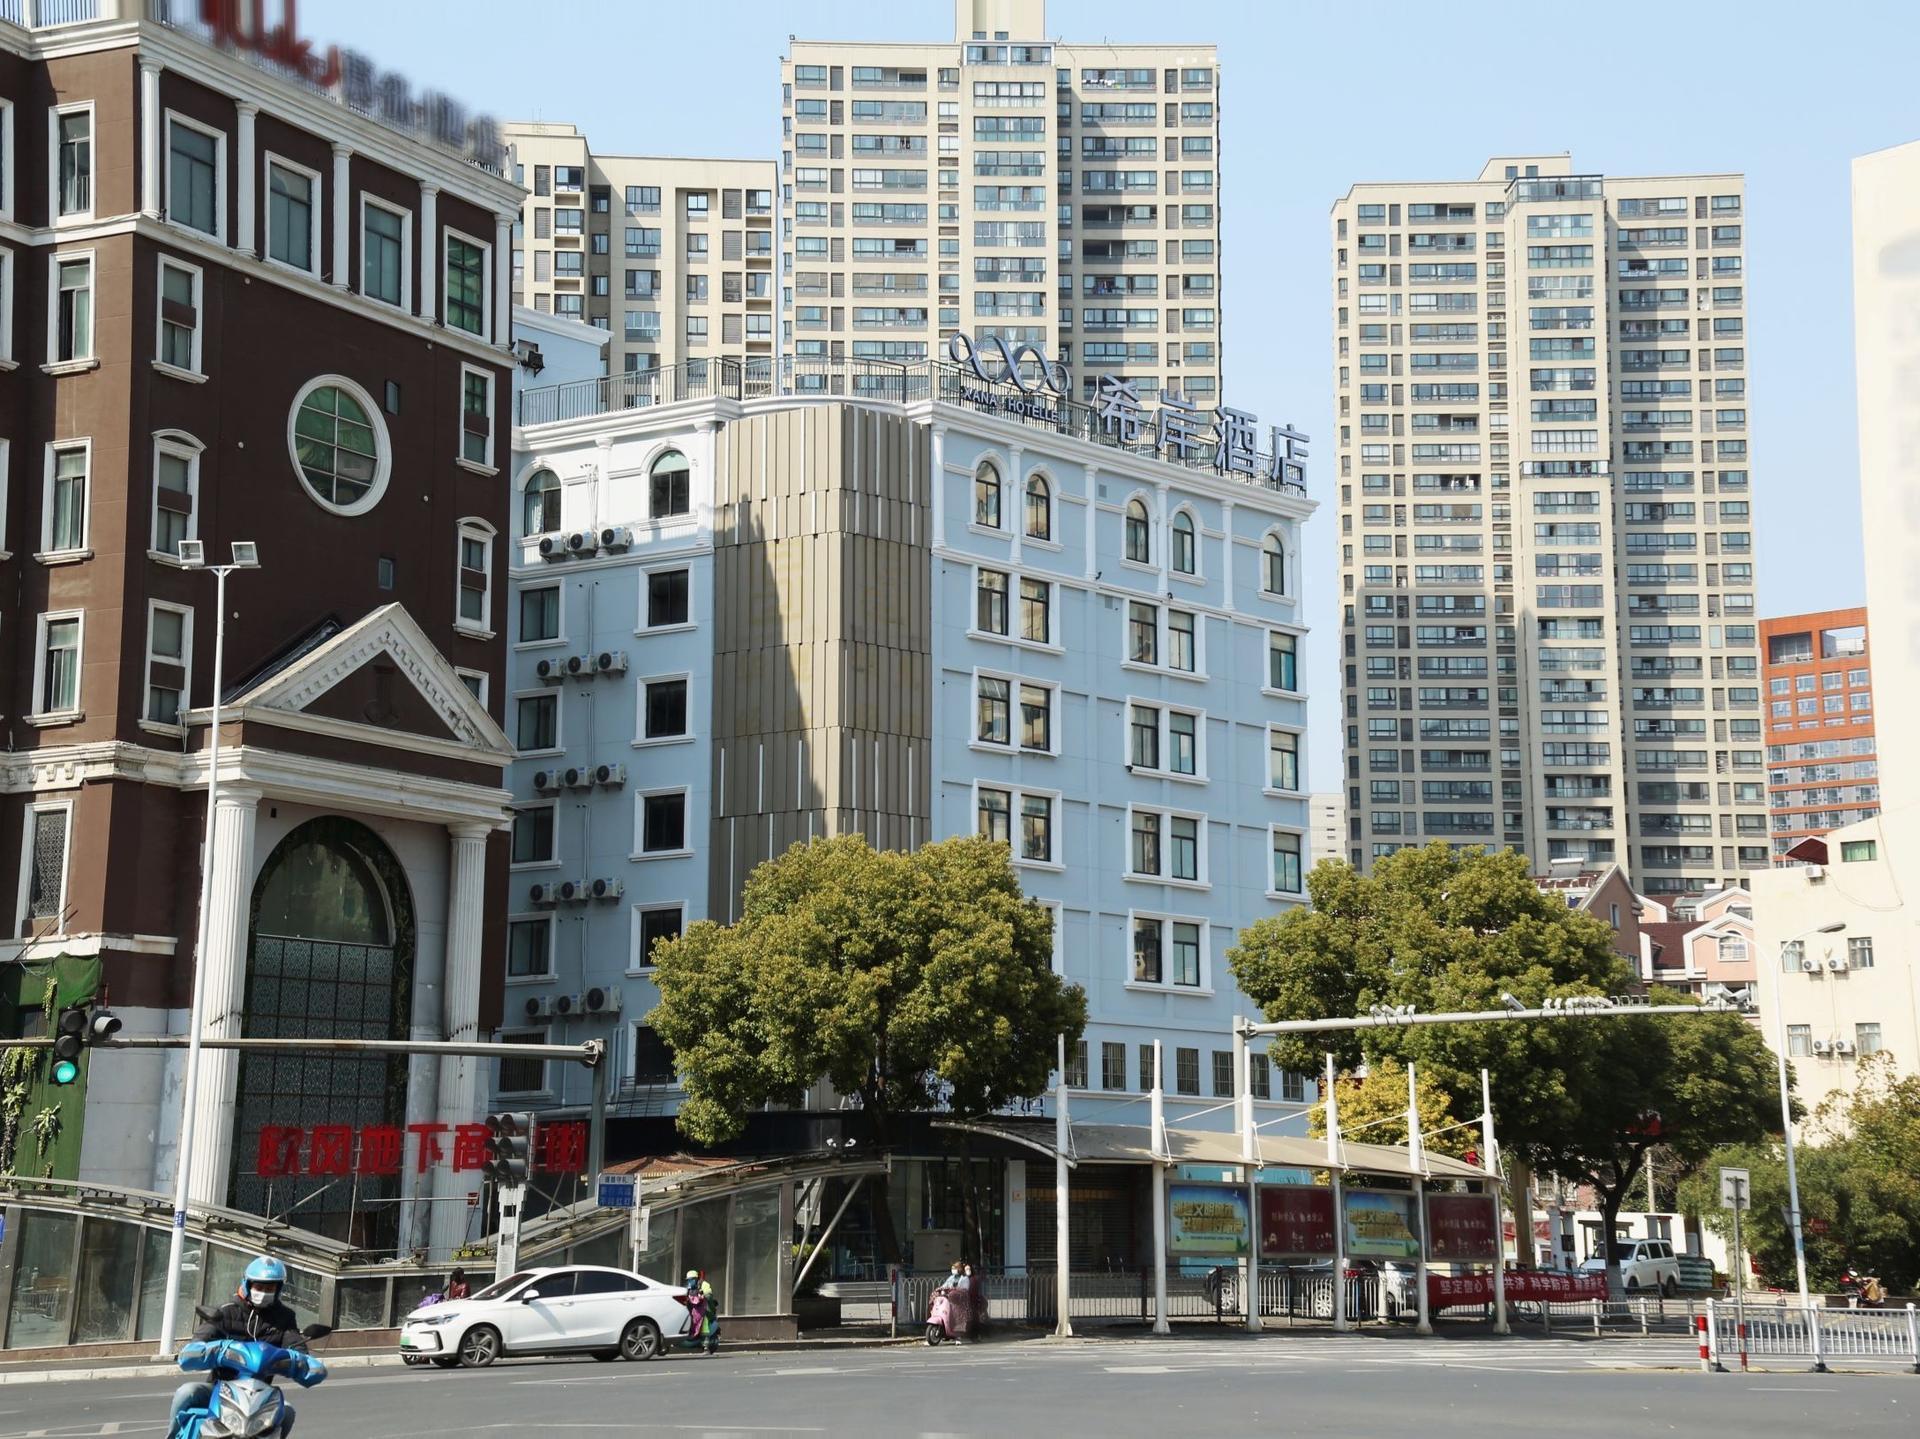 Xana Hotelle Wuxi Zhongshan Road Oufeng Street